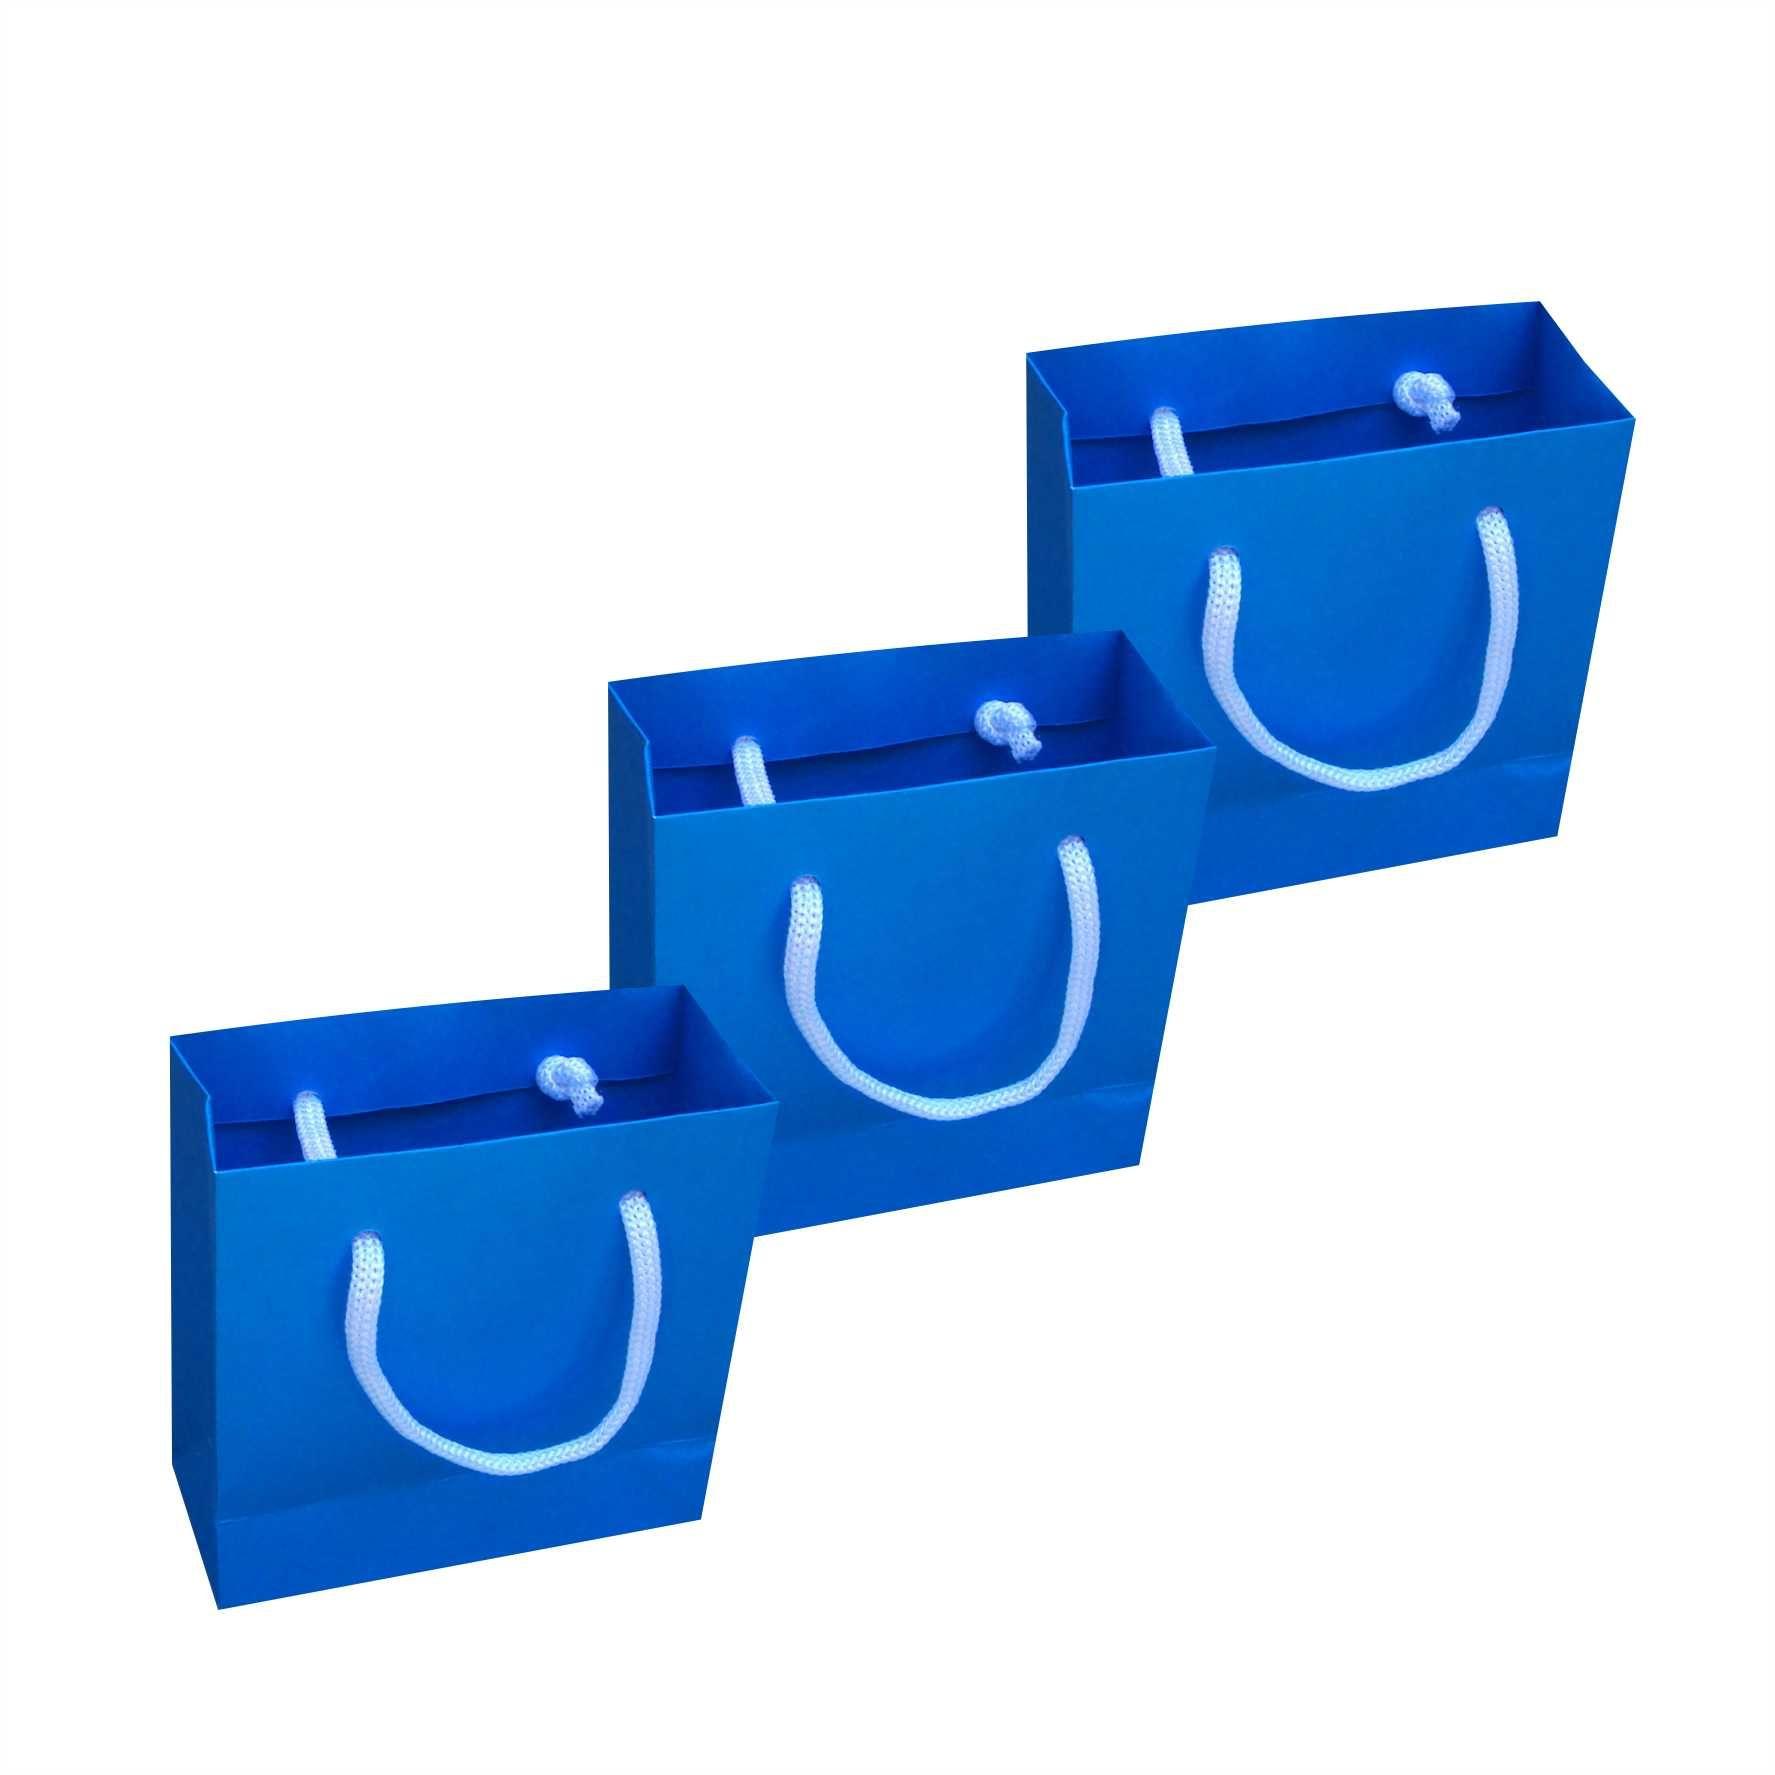 Sacola de papel mini (10x10x4,5 cm) azul turquesa - 10 unidades